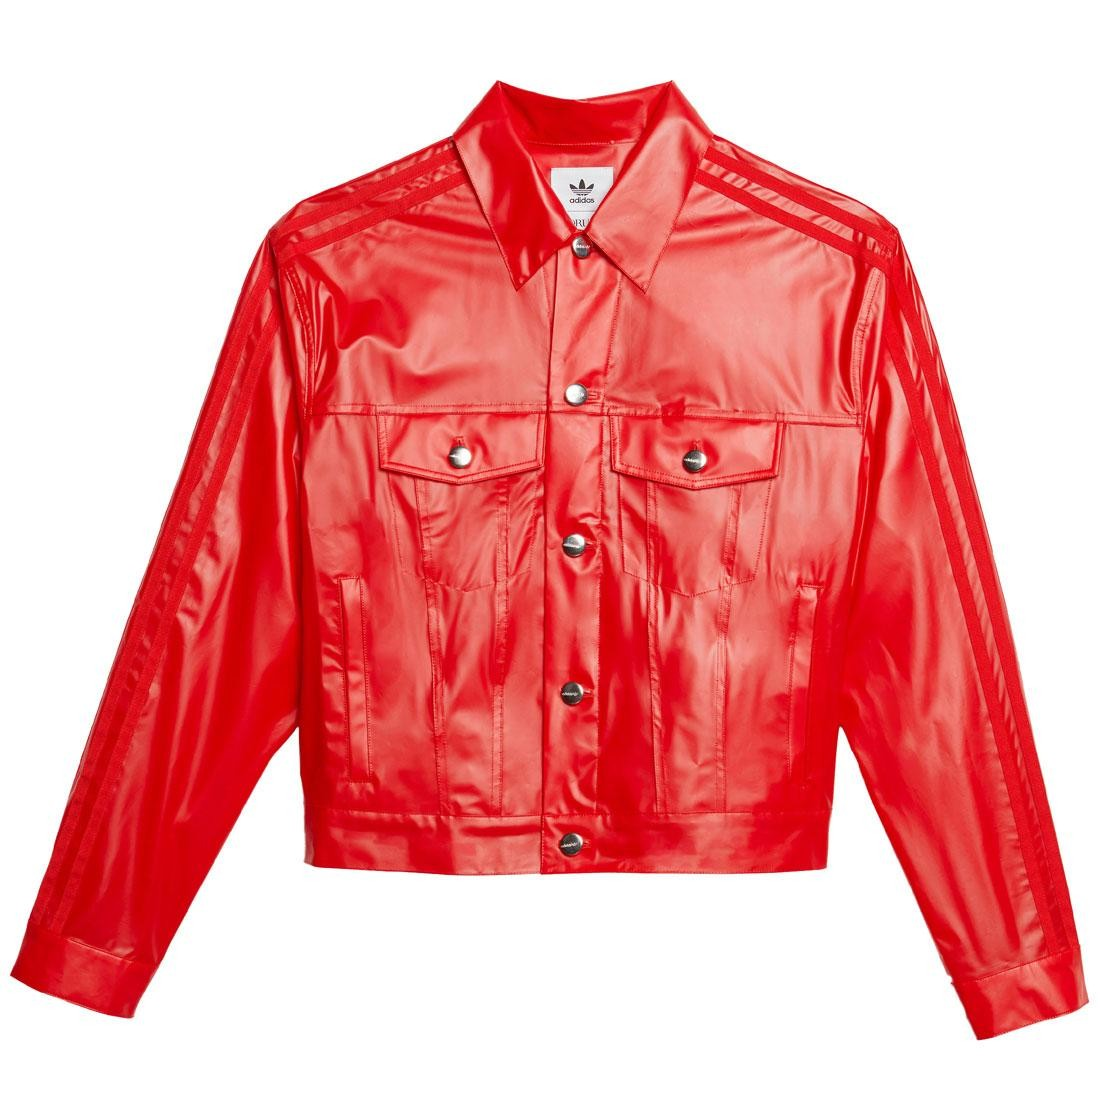 Adidas x Fiorucci Women Kiss Jacket (red)